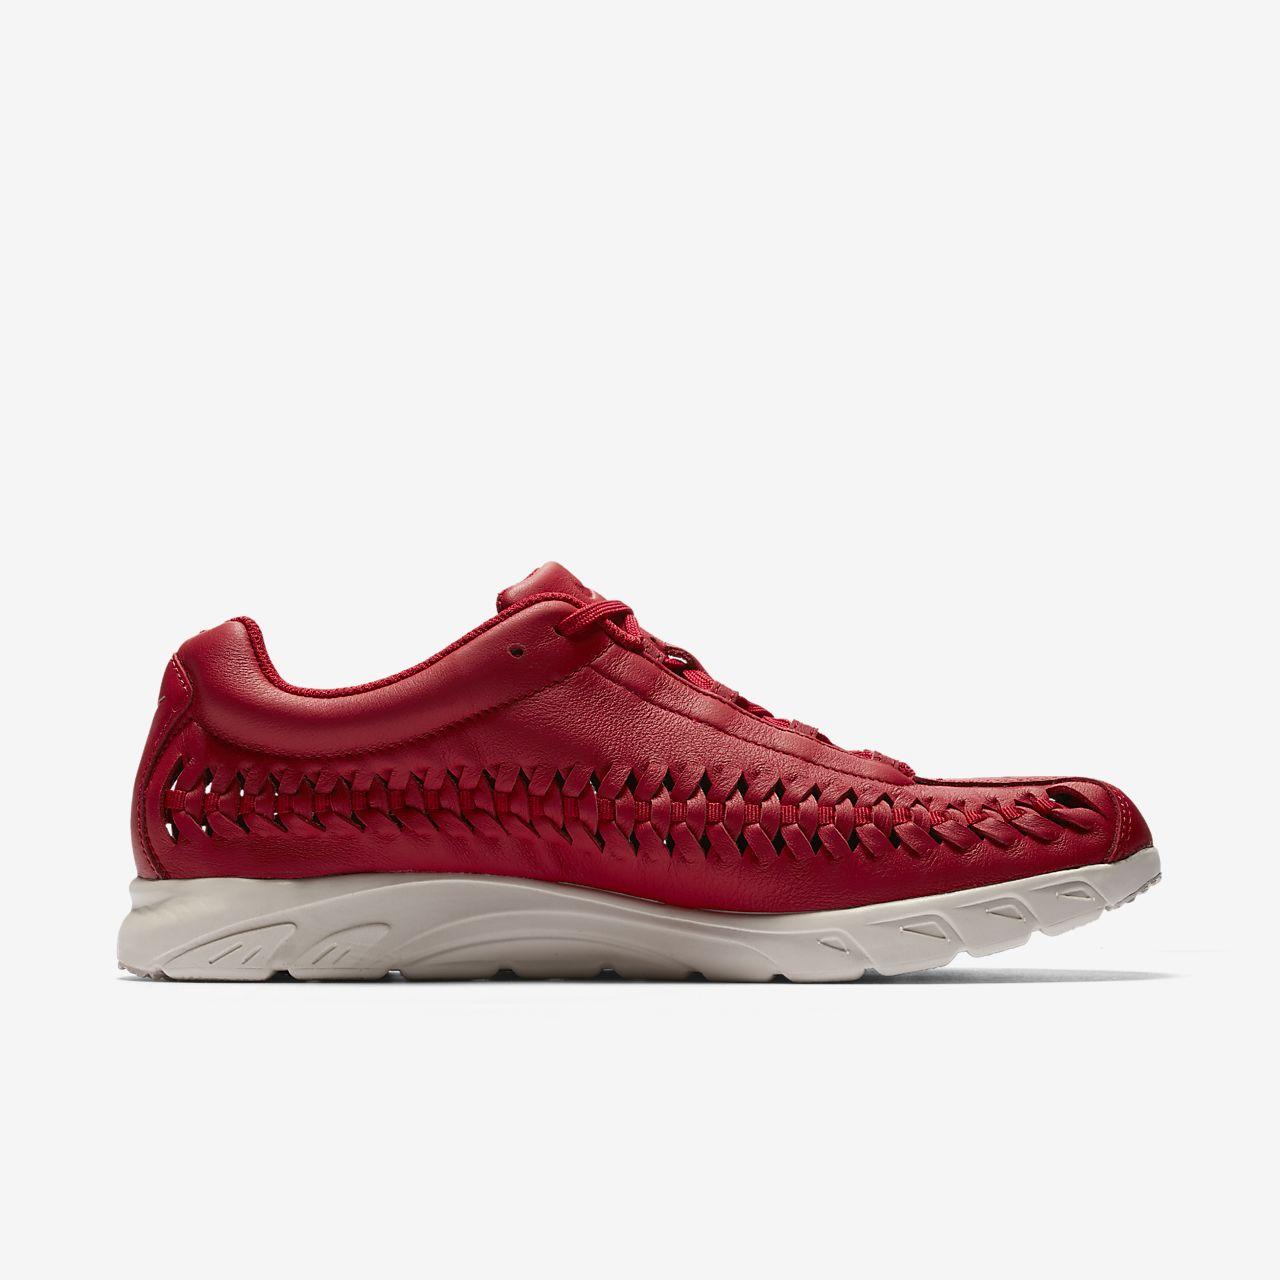 06a11f6c406 Nike Mayfly Woven Men s Shoe. Nike.com CA